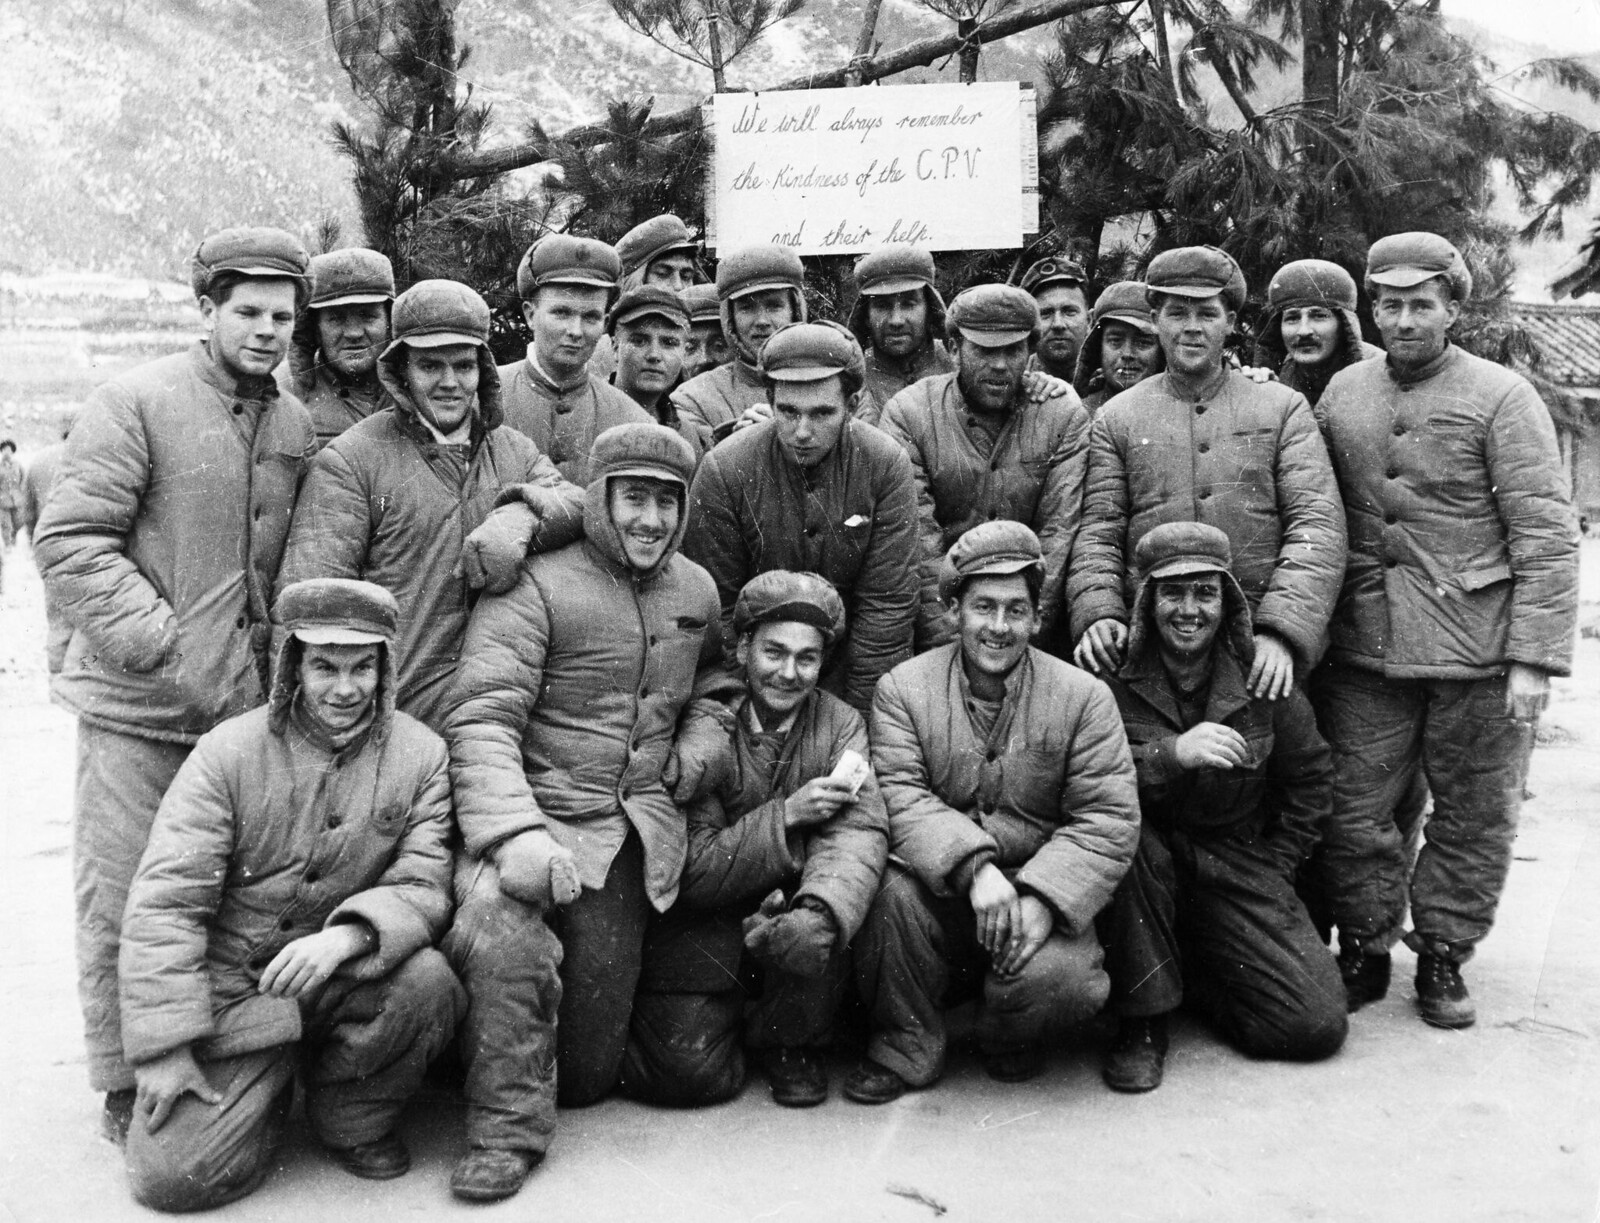 1953. Корейская война. Счастливая группа американских заключенных в северокорейском лагере для военнопленных. Знак позади них гласит «Мы всегда будем помнить о доброте КНД (китайских народных добровольцев) и их помощи».